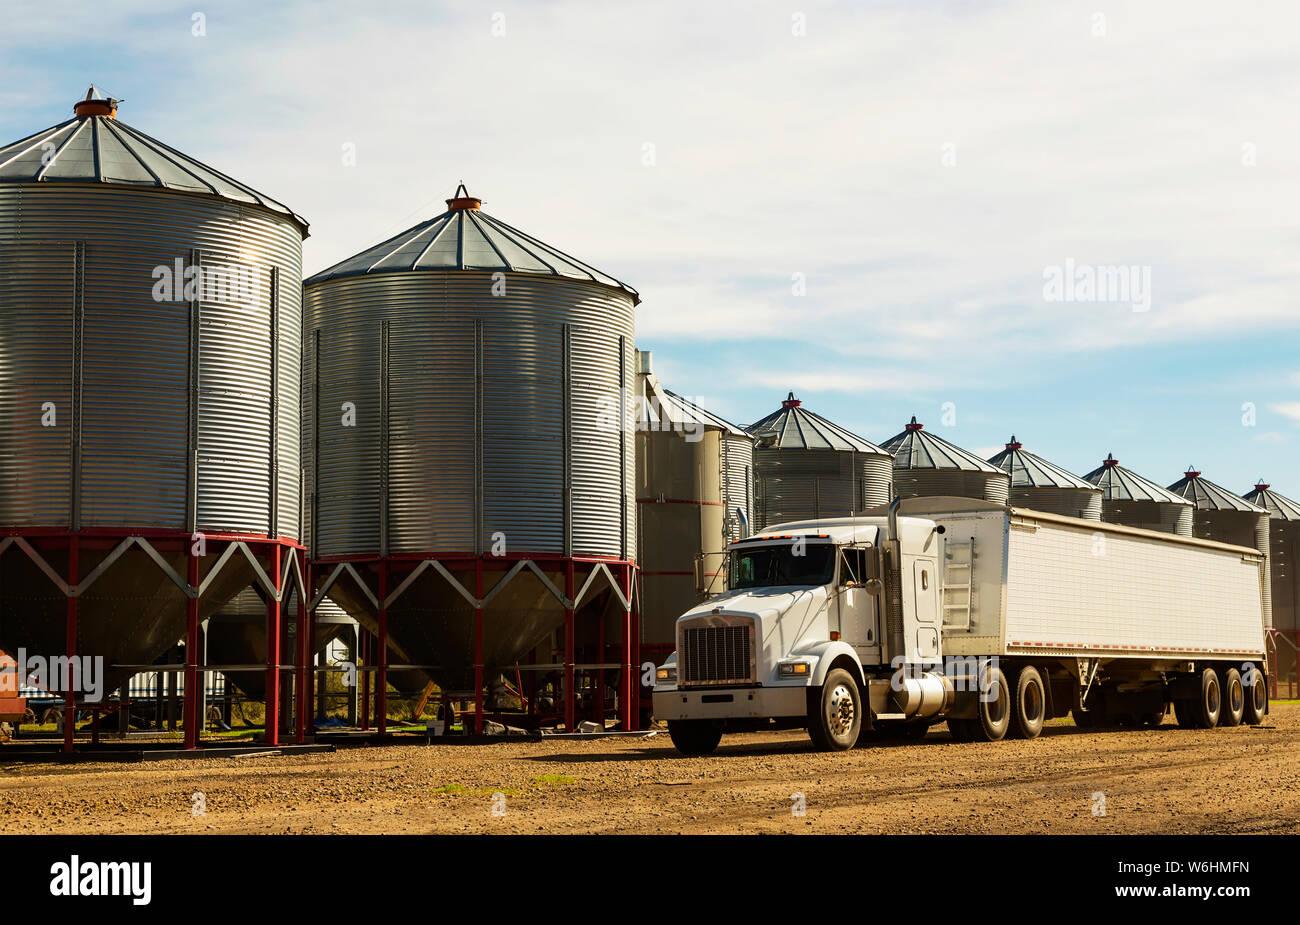 Un grano de un camión estacionado en la parte frontal de silos de metal durante la cosecha; Legal, Alberta, Canadá Foto de stock